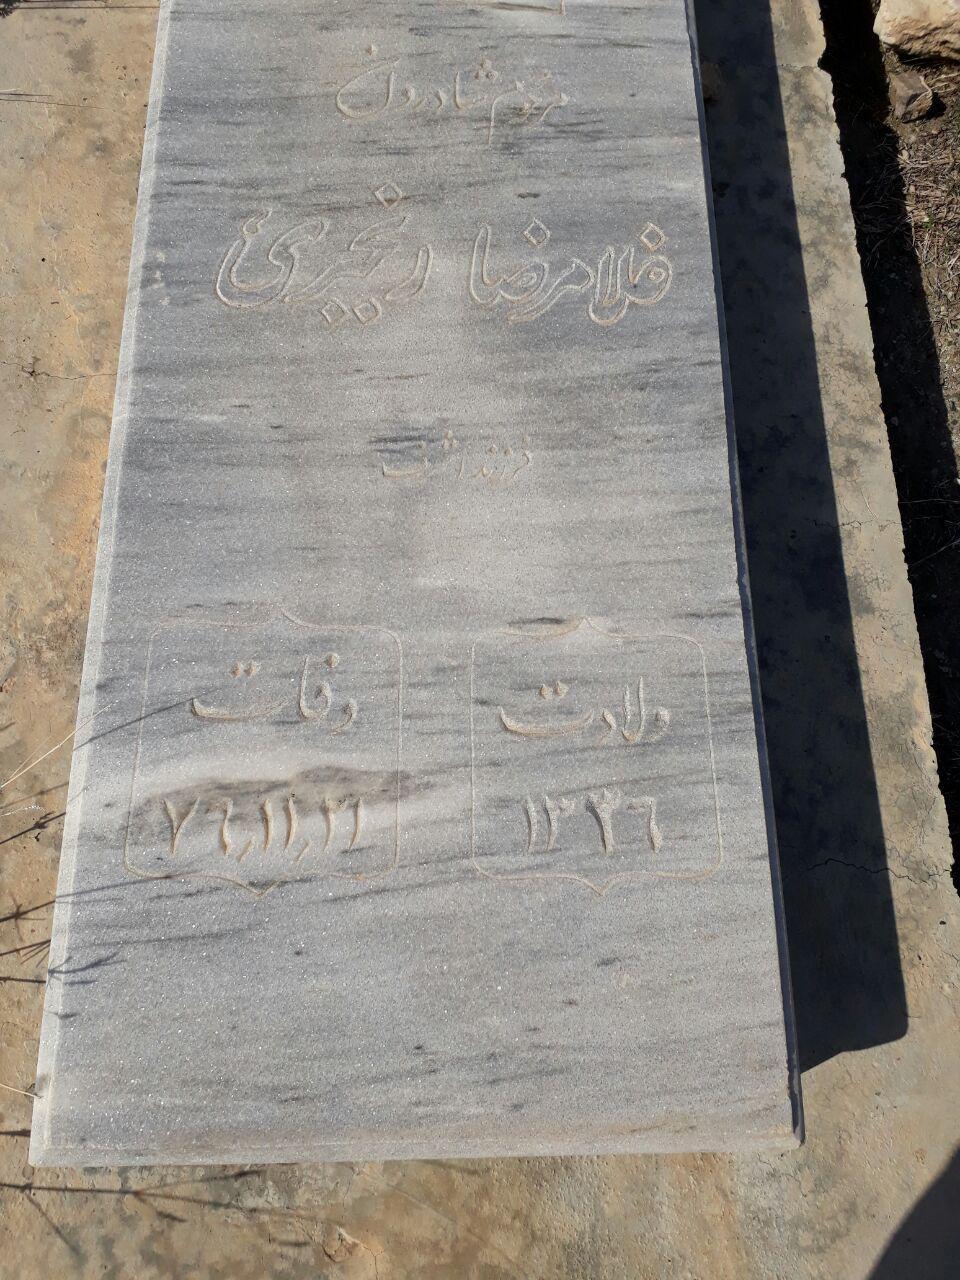 مرحوم غلامرضا رنجبری همکلاسی خودم پسر بسیار خوش اخلاقی بود